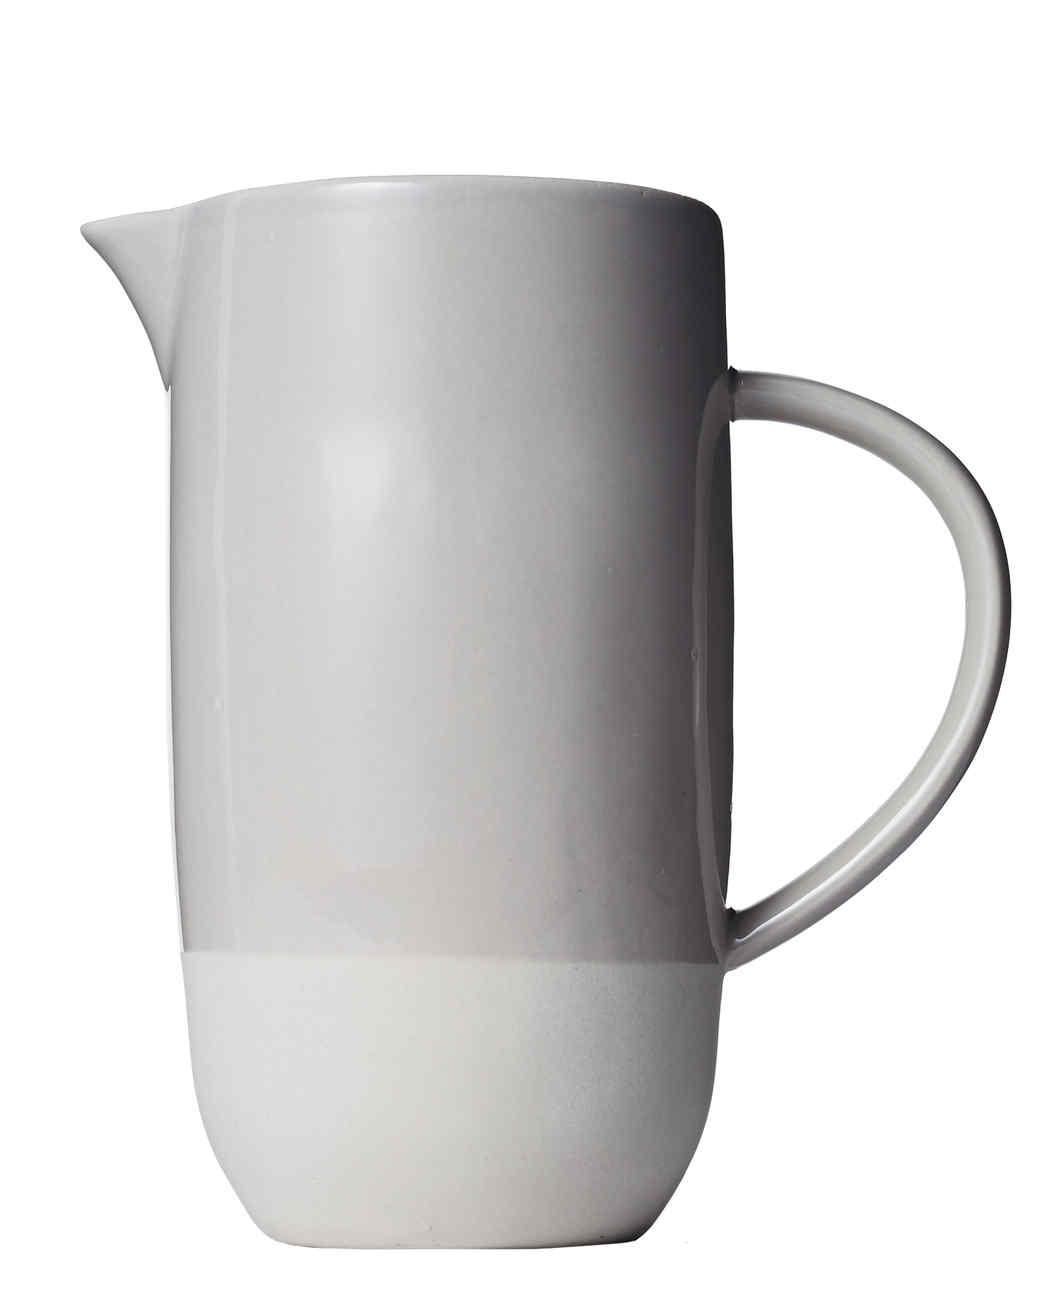 canvas-pitcher-beige-110-d111535.jpg